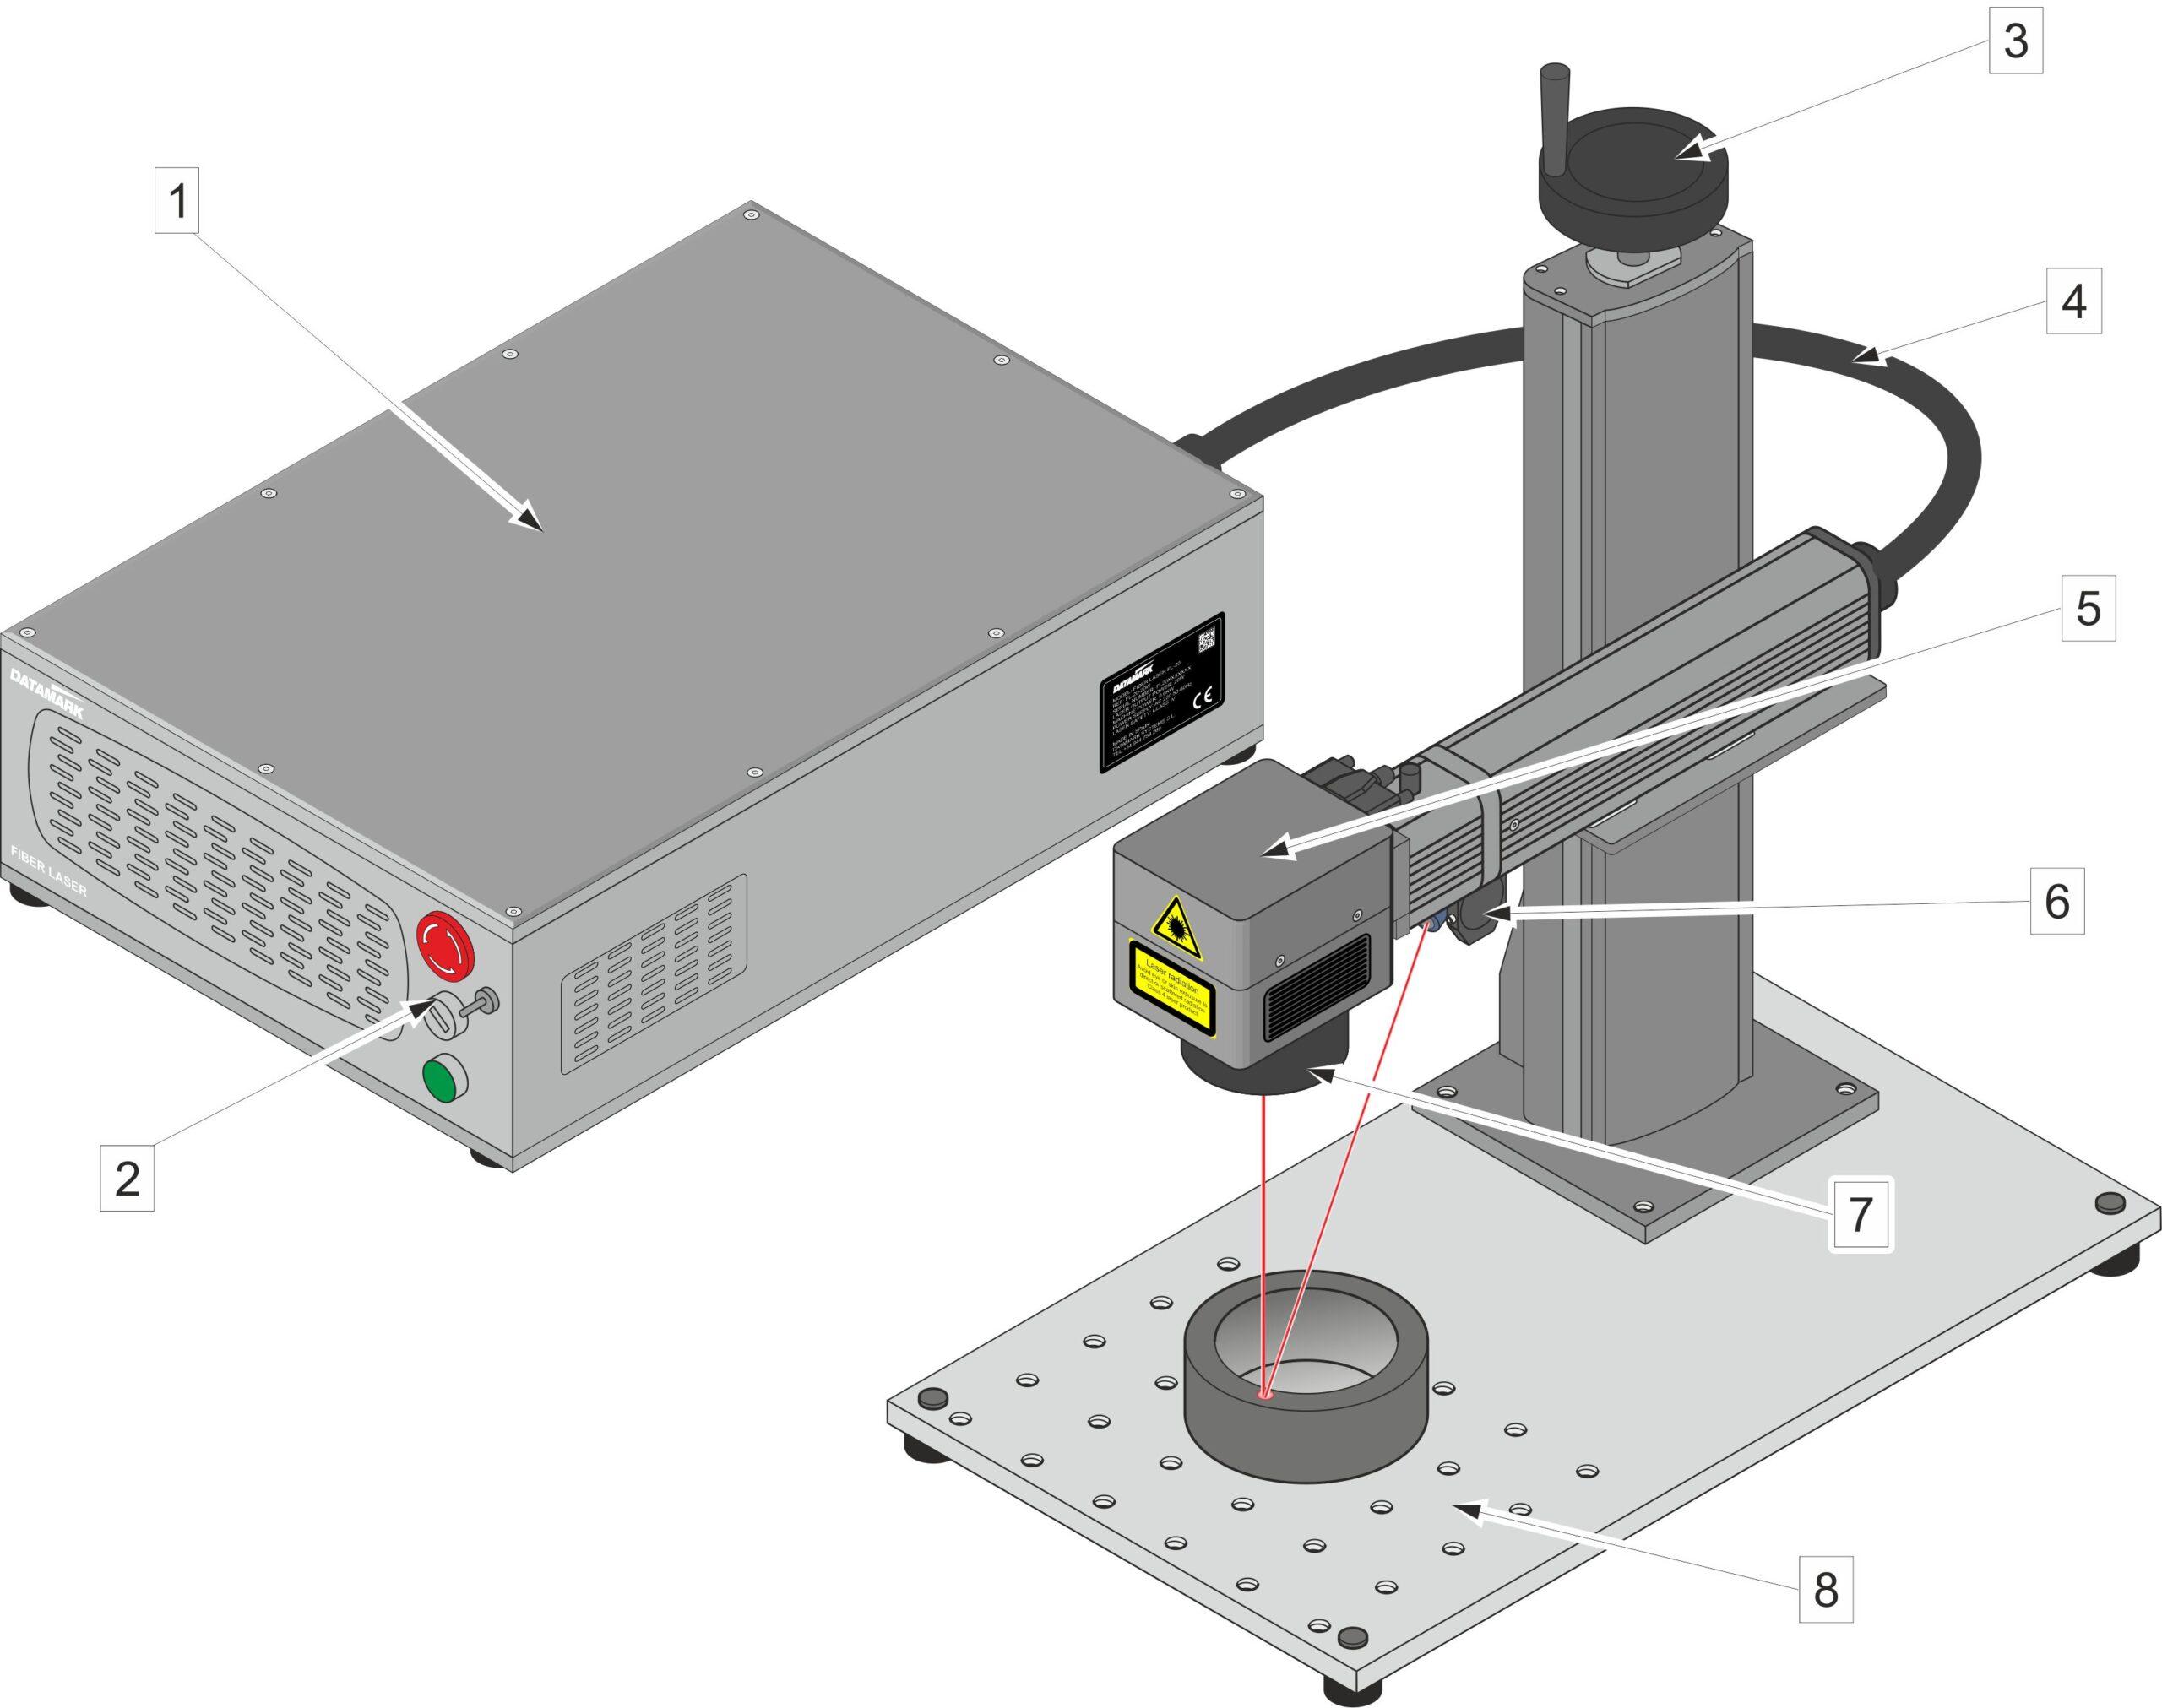 Marcadora láser para marcar y grabar piezas industriales